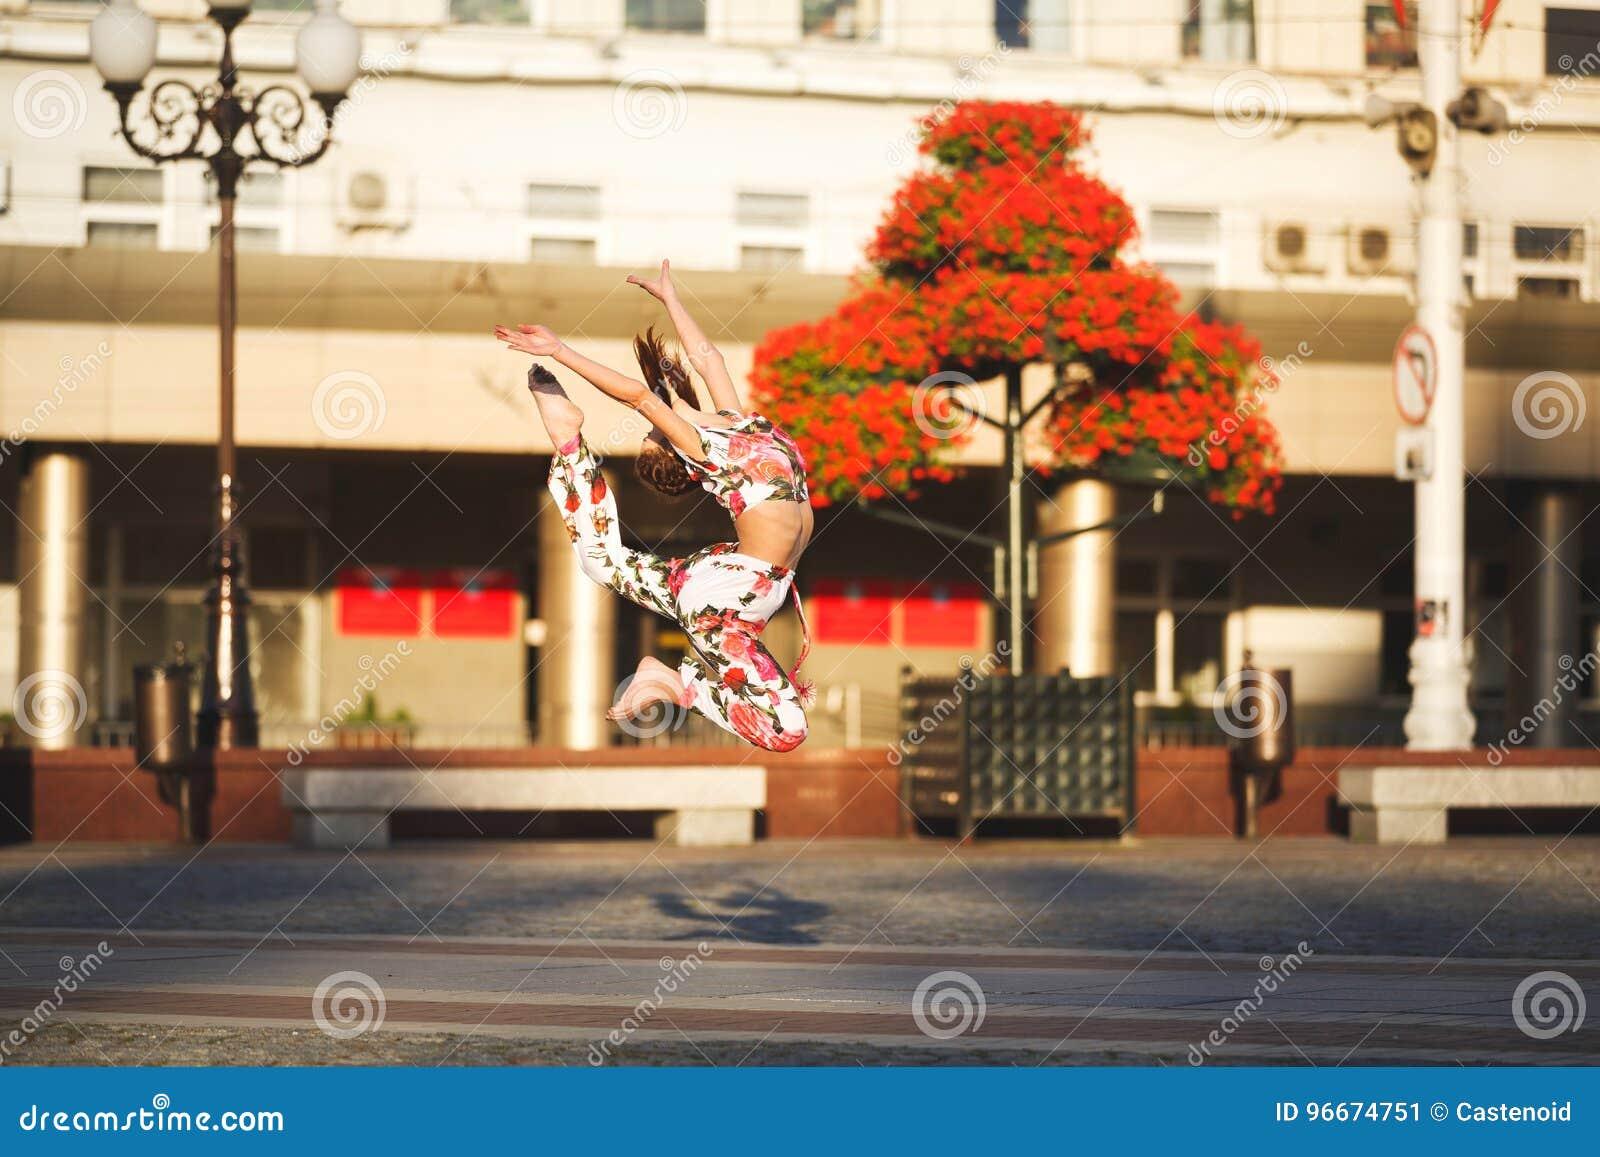 Allenamento di giovane ginnasta